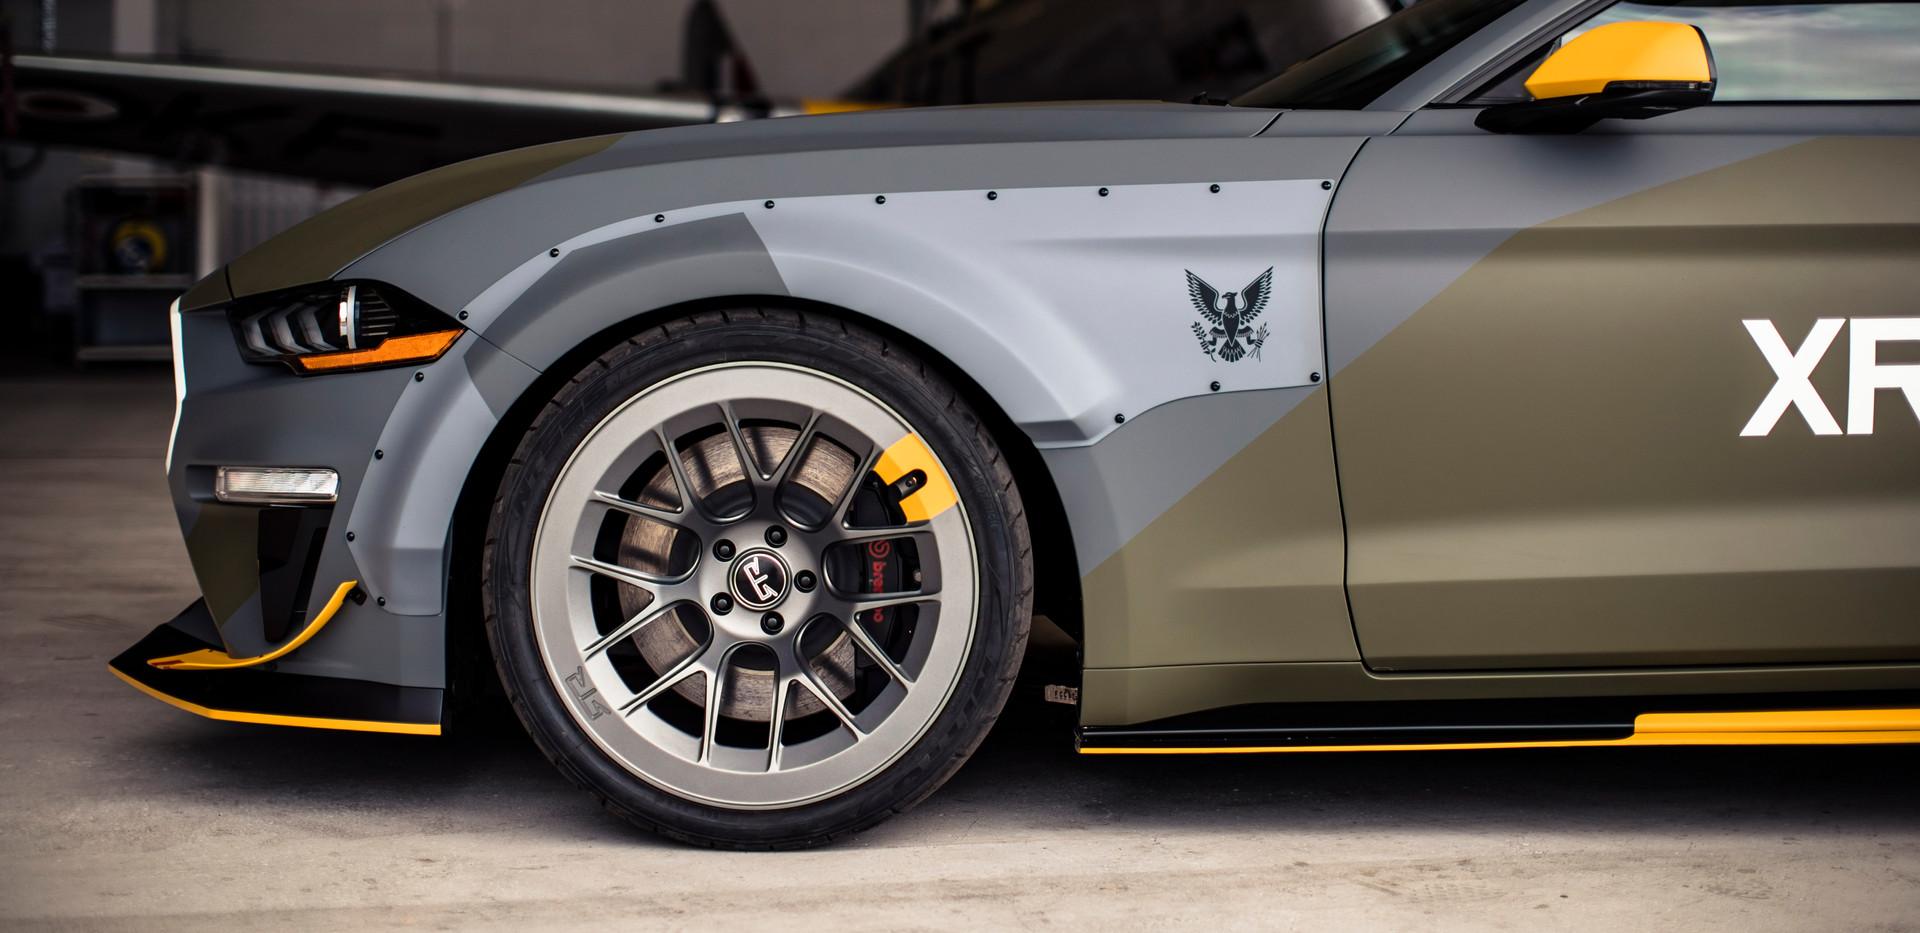 0158_DG_Mustang_Spitfire.jpg